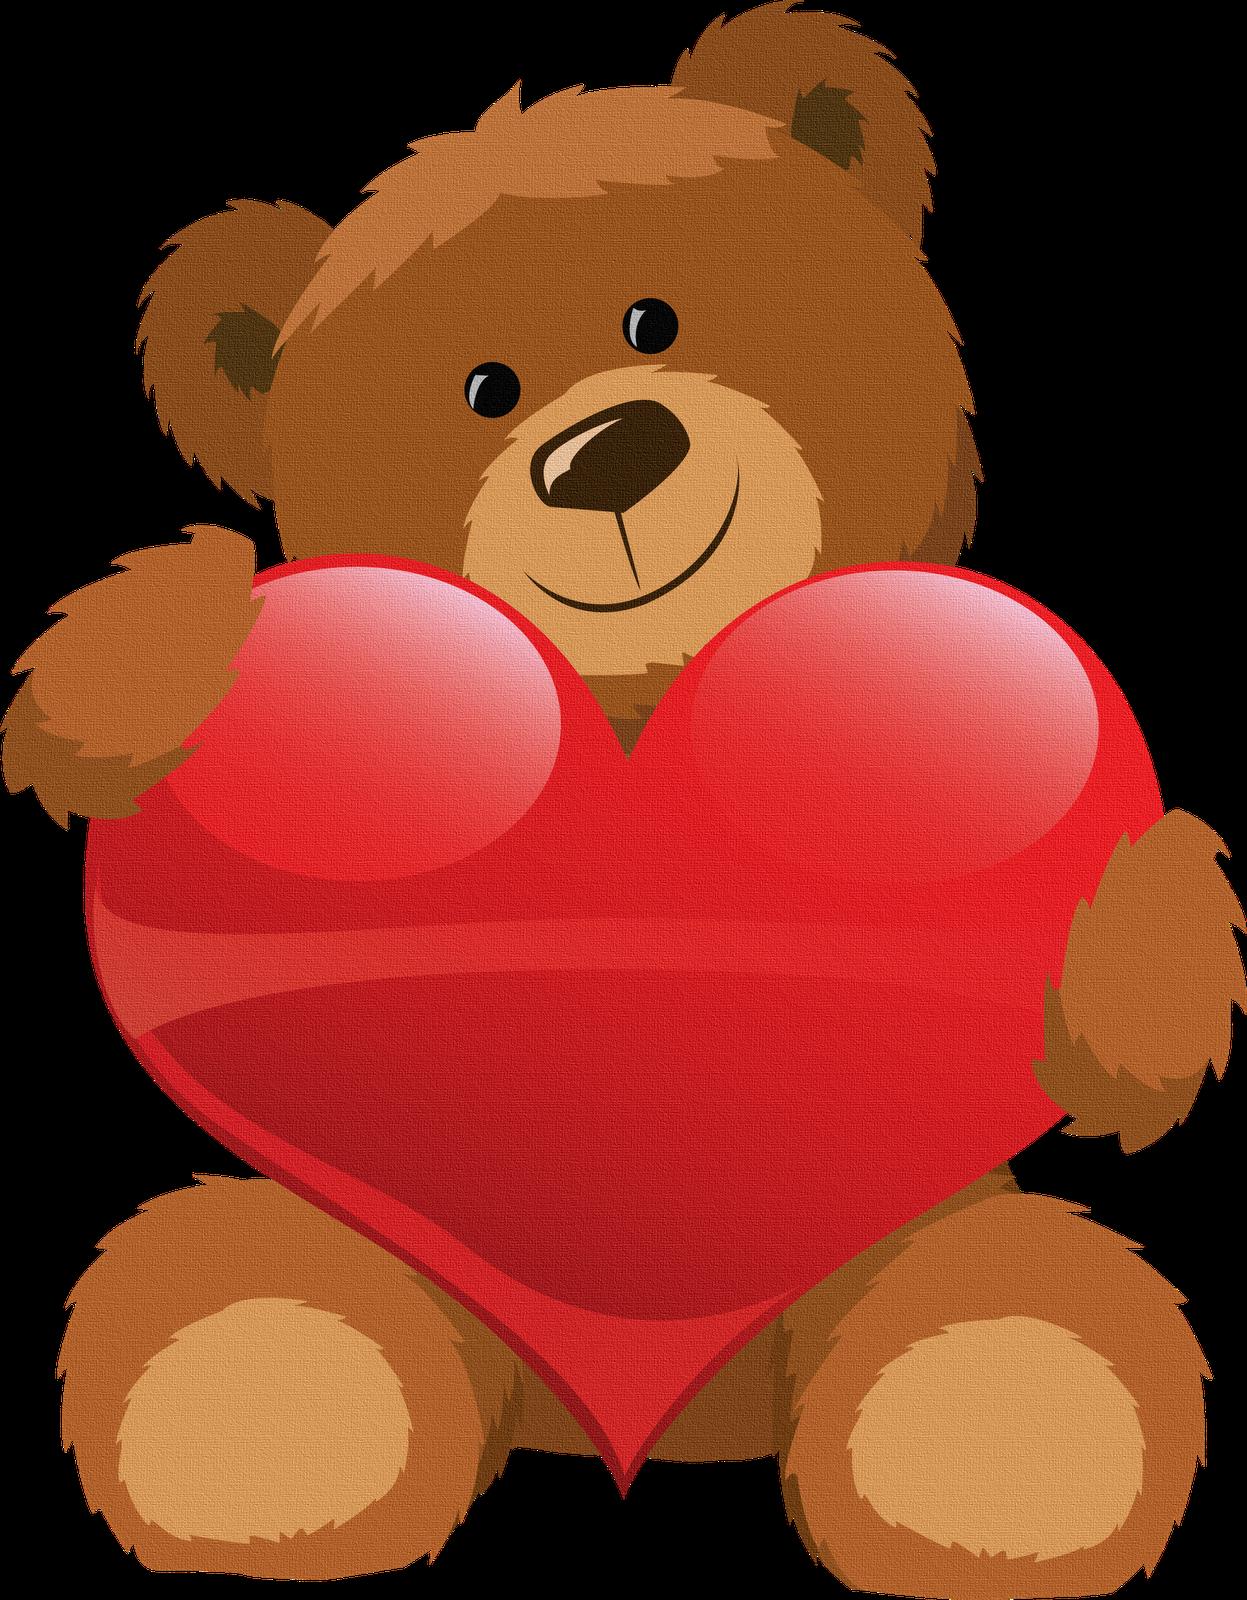 Clipart teddy bear with heart clip royalty free Oso con corazon para imprimir | Pekné obrázky | Pinterest | Teddy ... clip royalty free